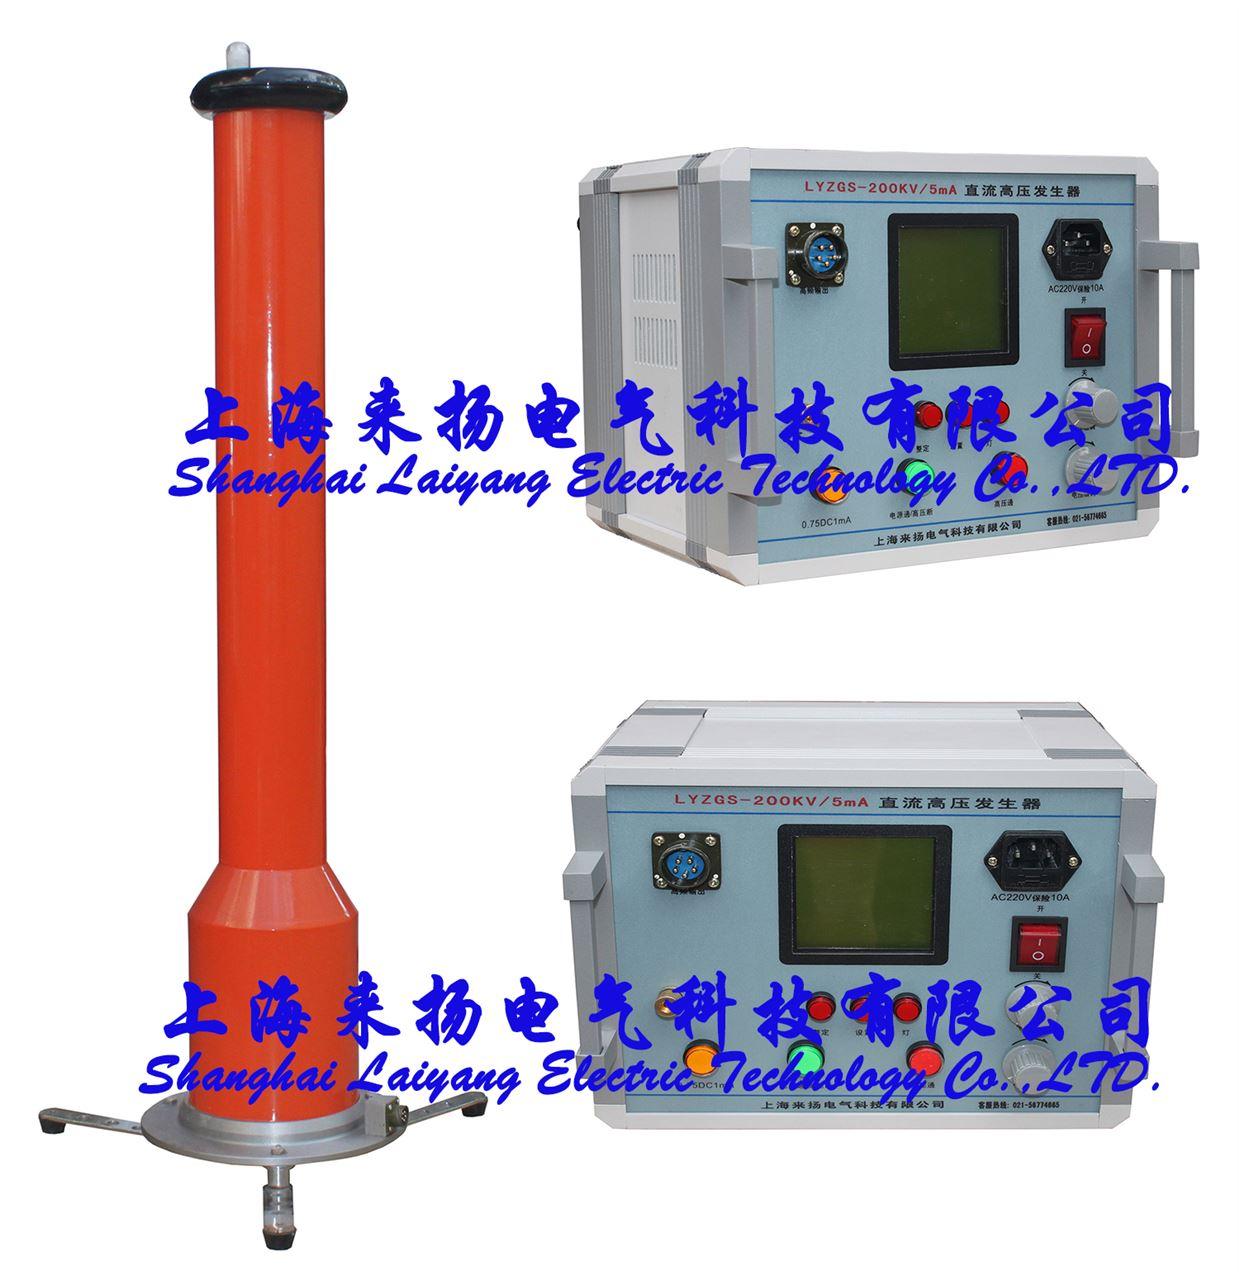 矿用电缆故障探伤仪_大功率直流高压发生器-上海来扬电气科技有限公司